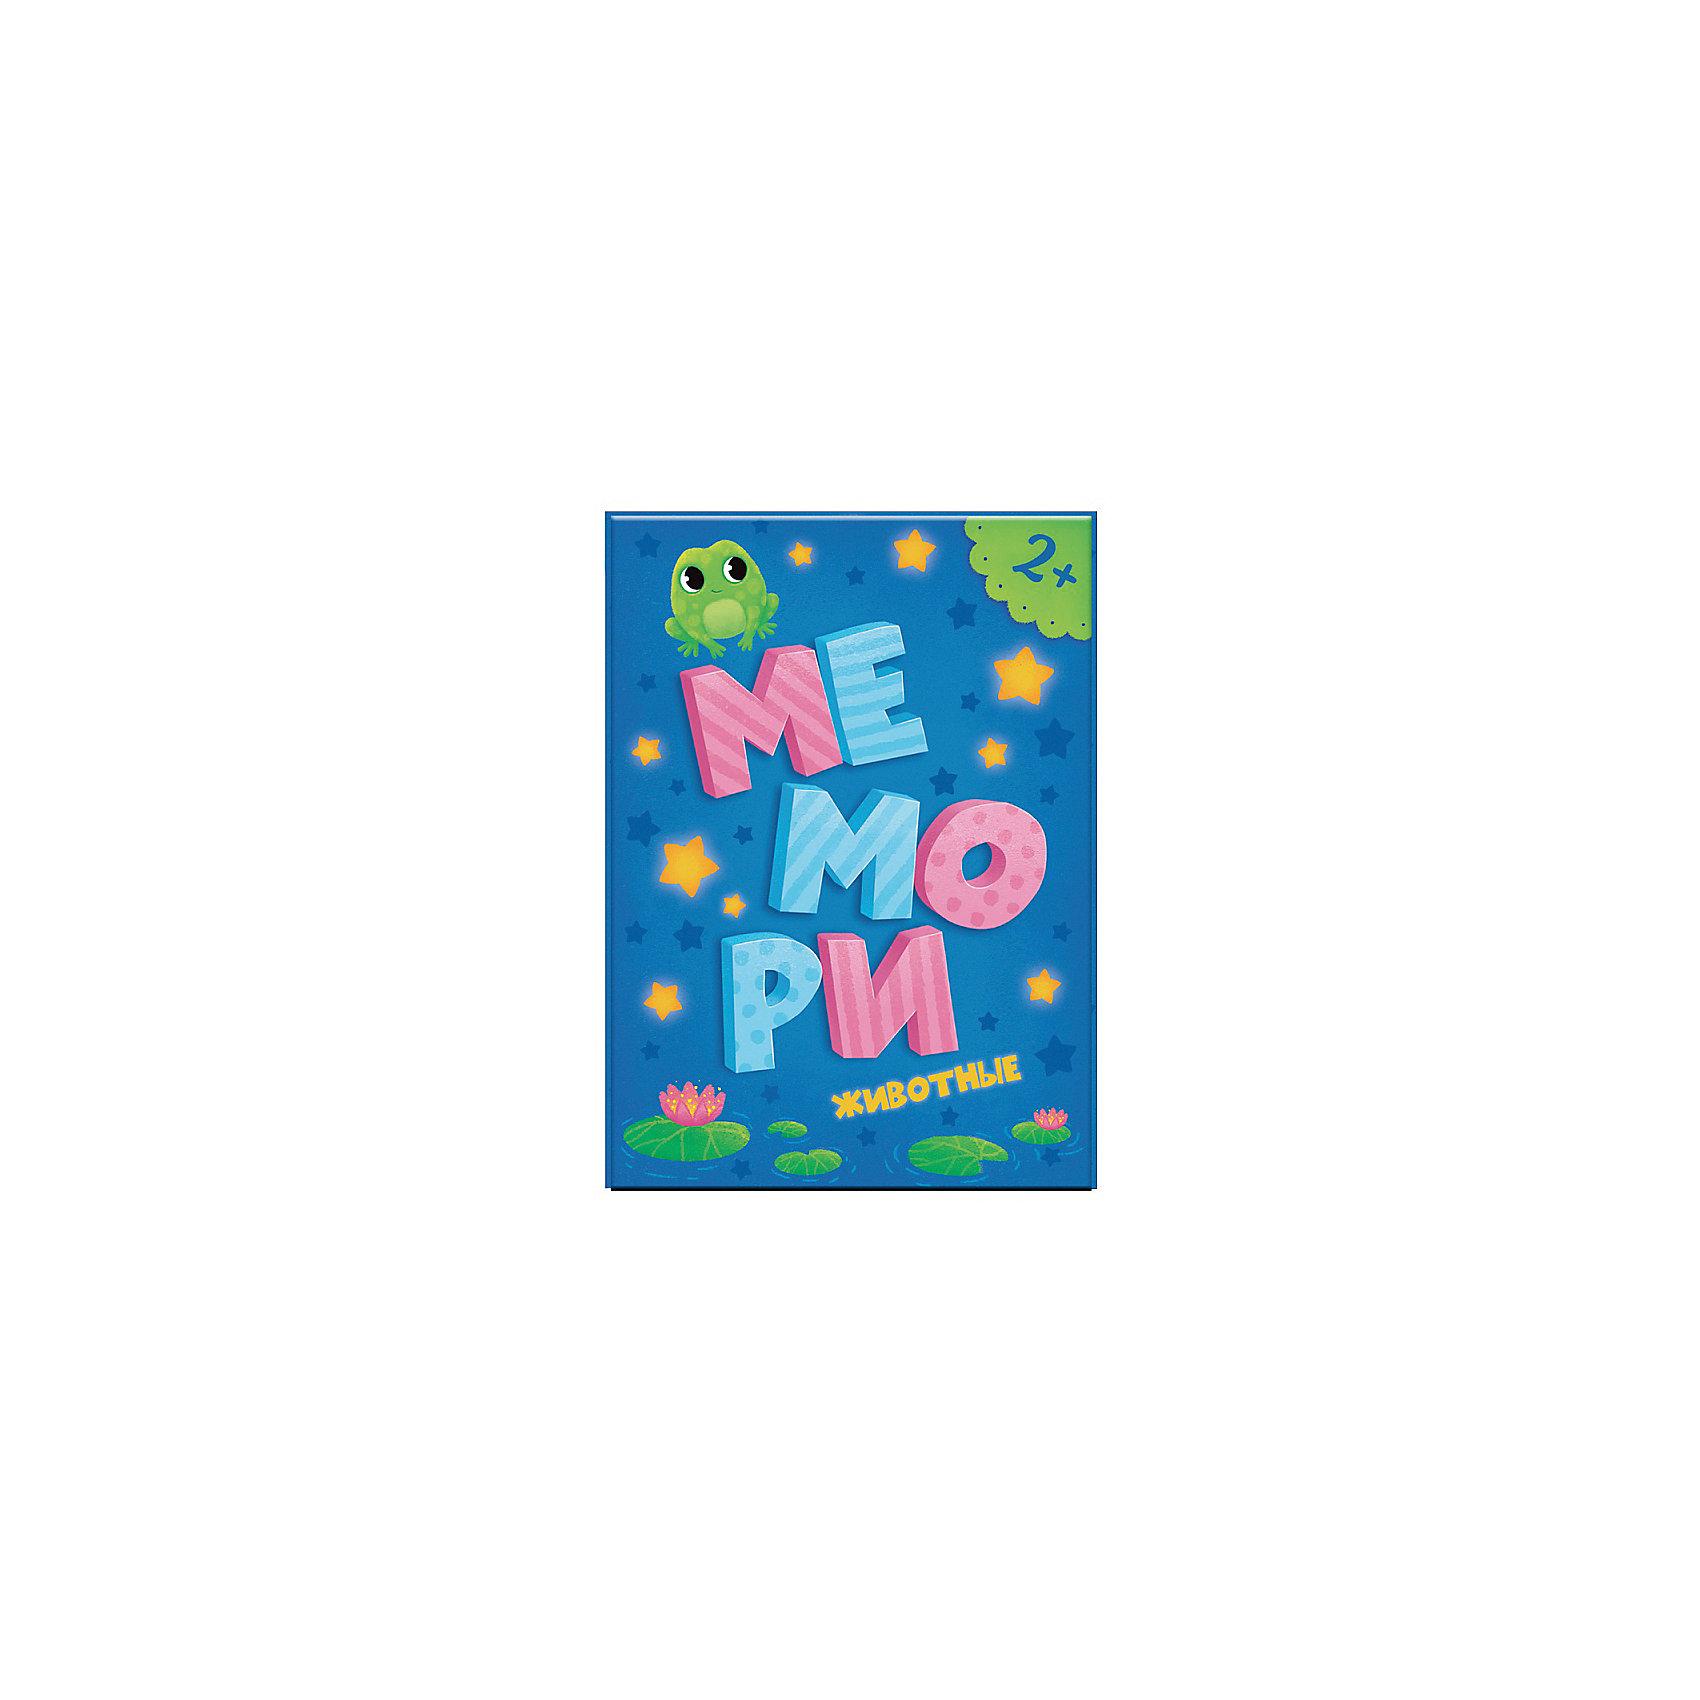 Мемори для малышей Животные, 31 карточкаИгры мемо<br>Характеристики:<br><br>• возраст: от 2 лет<br>• в наборе: 30 карточек с изображениями различных животных, 1 карточка для родителей<br>• издательство: ГеоДом<br>• иллюстрации: цветные<br>• упаковка: картонная коробка с европодвесом<br>• размер: 16,7х10,2х1,3 см.<br>• вес: 144 гр.<br>• ISBN: 4607177454160<br><br>«Мемори» — весёлый и интересный способ тренировать память и внимание. Ребёнок, отыскивая среди ярких и красивых карточек подходящую пару, развивает своё цветовое восприятие, логическое и ассоциативное мышление.<br><br>Мемори для малышей Животные, 31 карточка можно купить в нашем интернет-магазине.<br><br>Ширина мм: 100<br>Глубина мм: 140<br>Высота мм: 60<br>Вес г: 143<br>Возраст от месяцев: 24<br>Возраст до месяцев: 2147483647<br>Пол: Унисекс<br>Возраст: Детский<br>SKU: 6845935